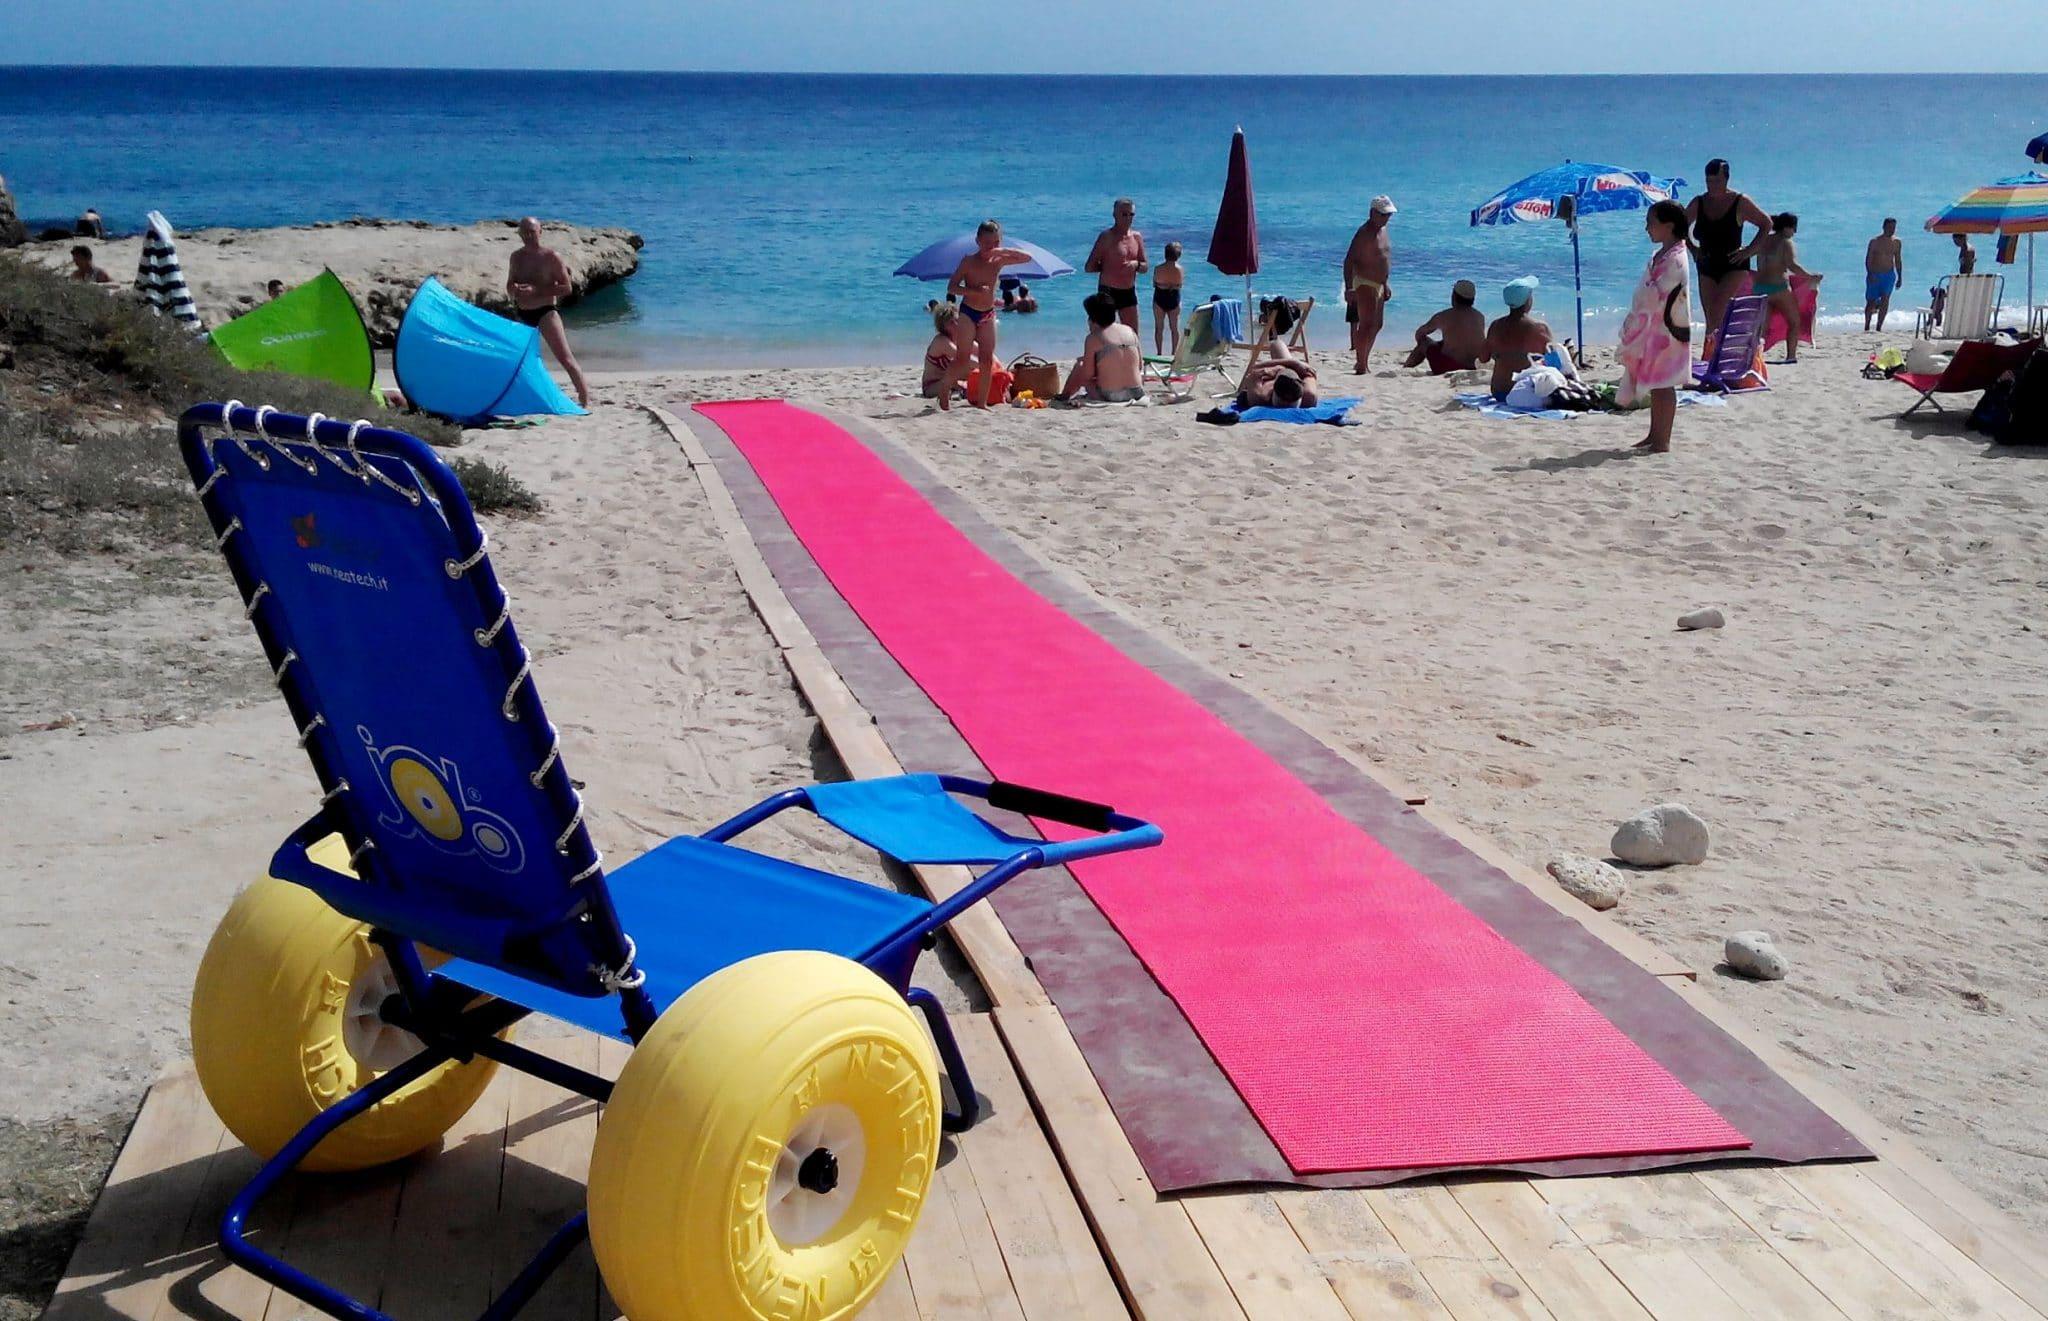 Cadeira de rodas anfibia em praia